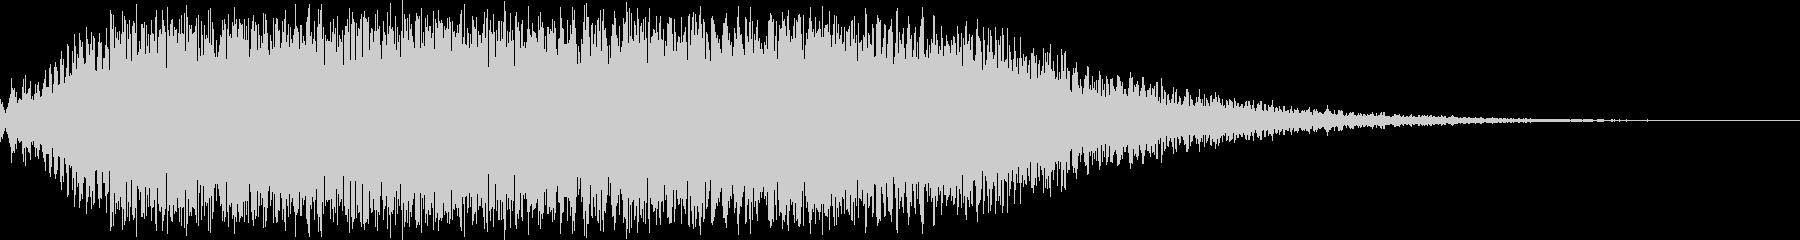 空間的なオープニング 場面転換 音の未再生の波形